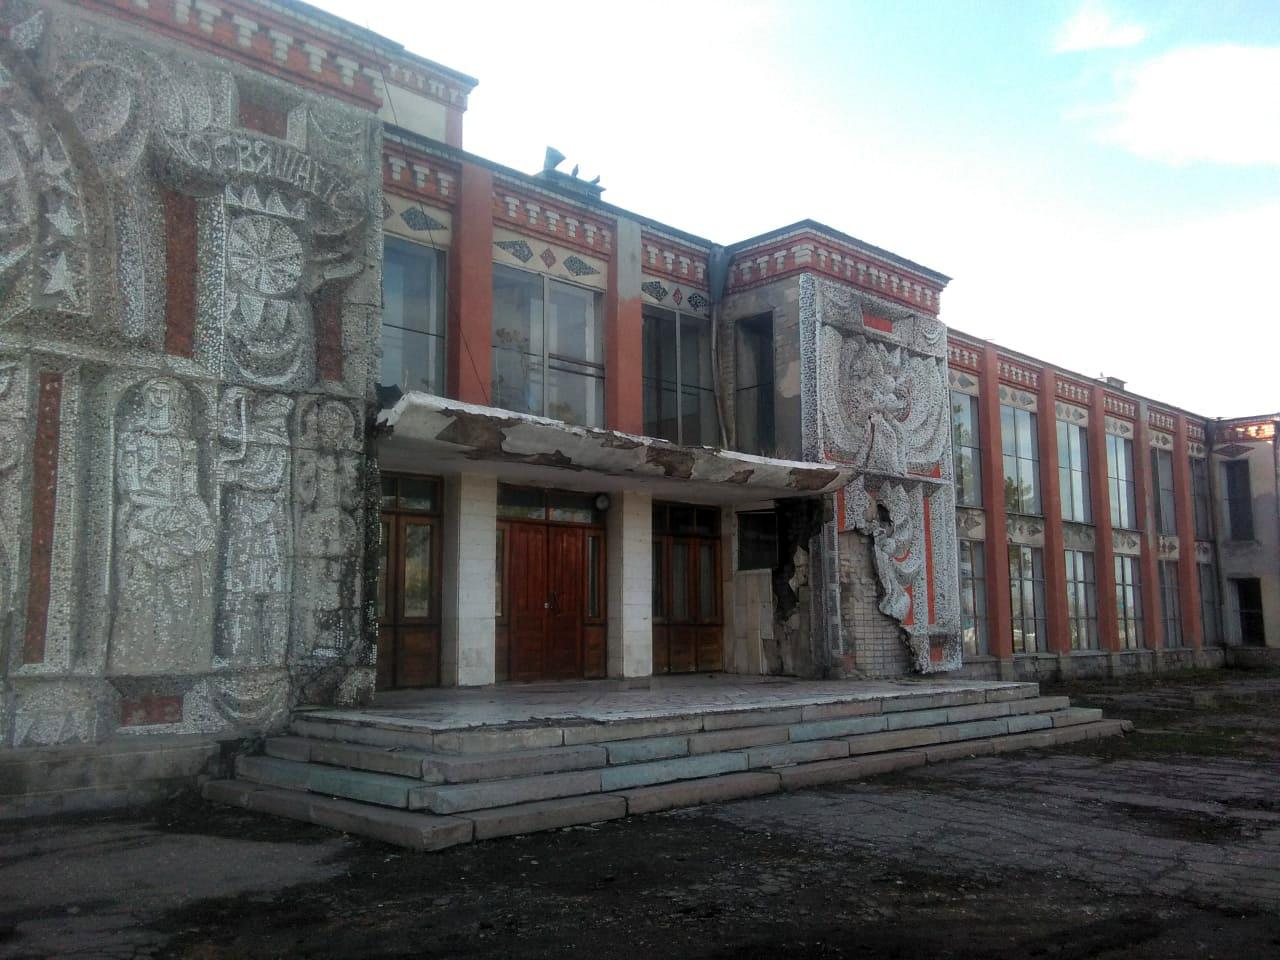 На севере Казахстана отремонтируют сельский дом культуры: мозаику закроют алюкобондом